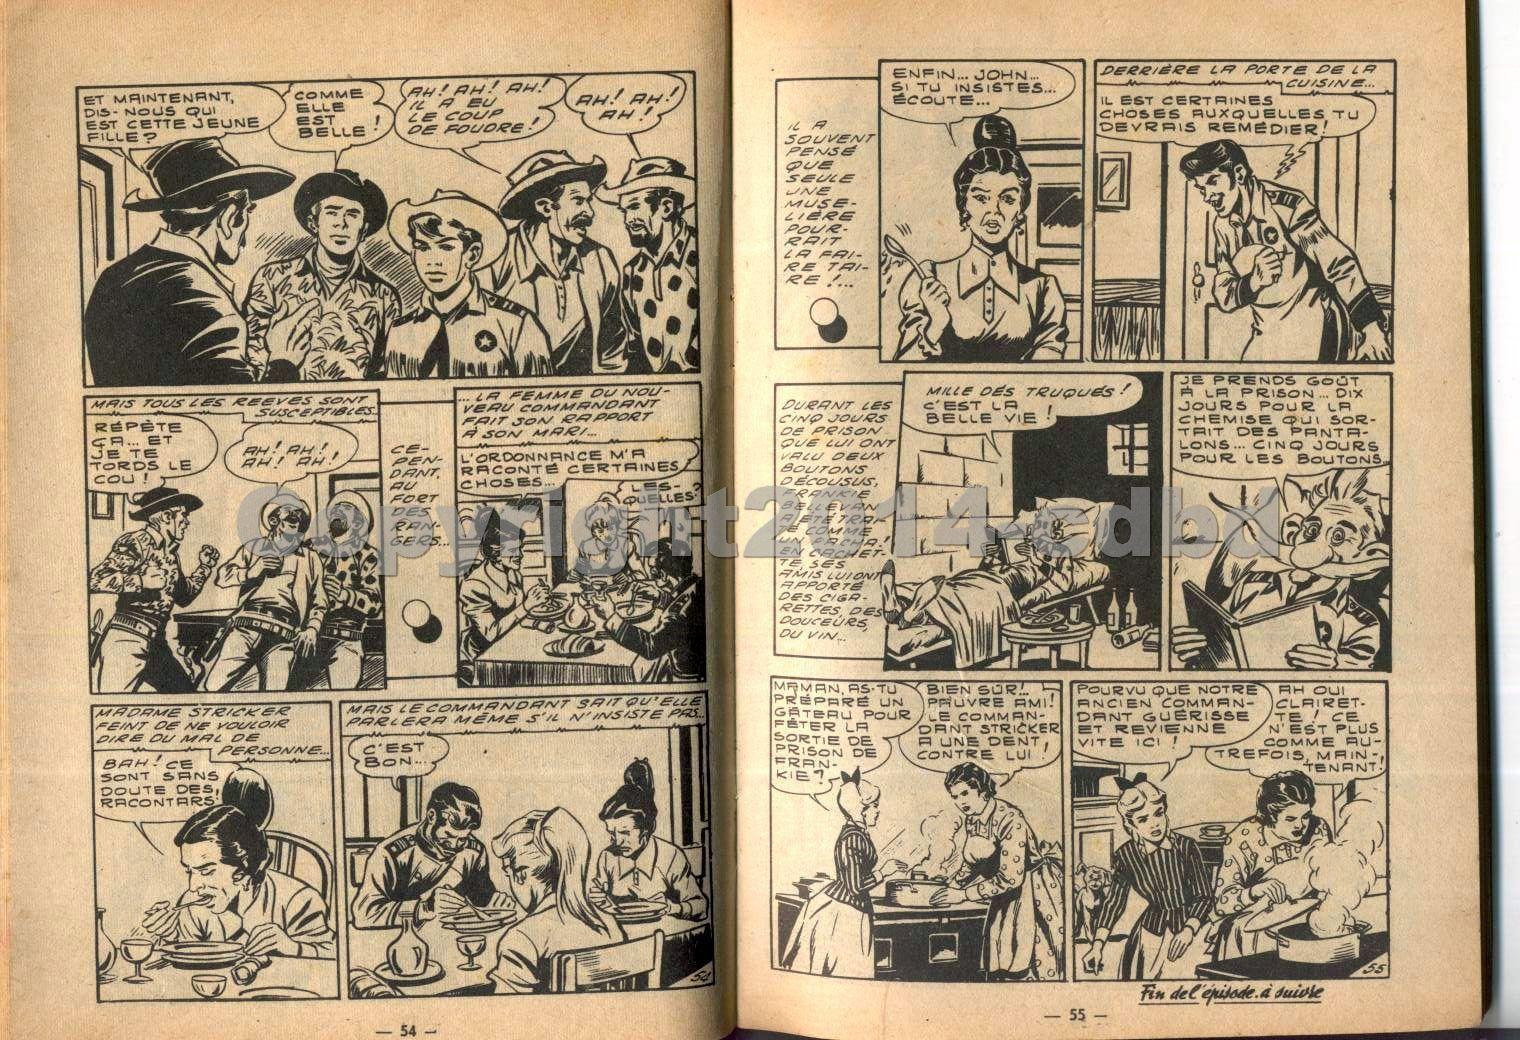 Yuma mensuel n°9 - Juillet 1963- pages 15 à 28